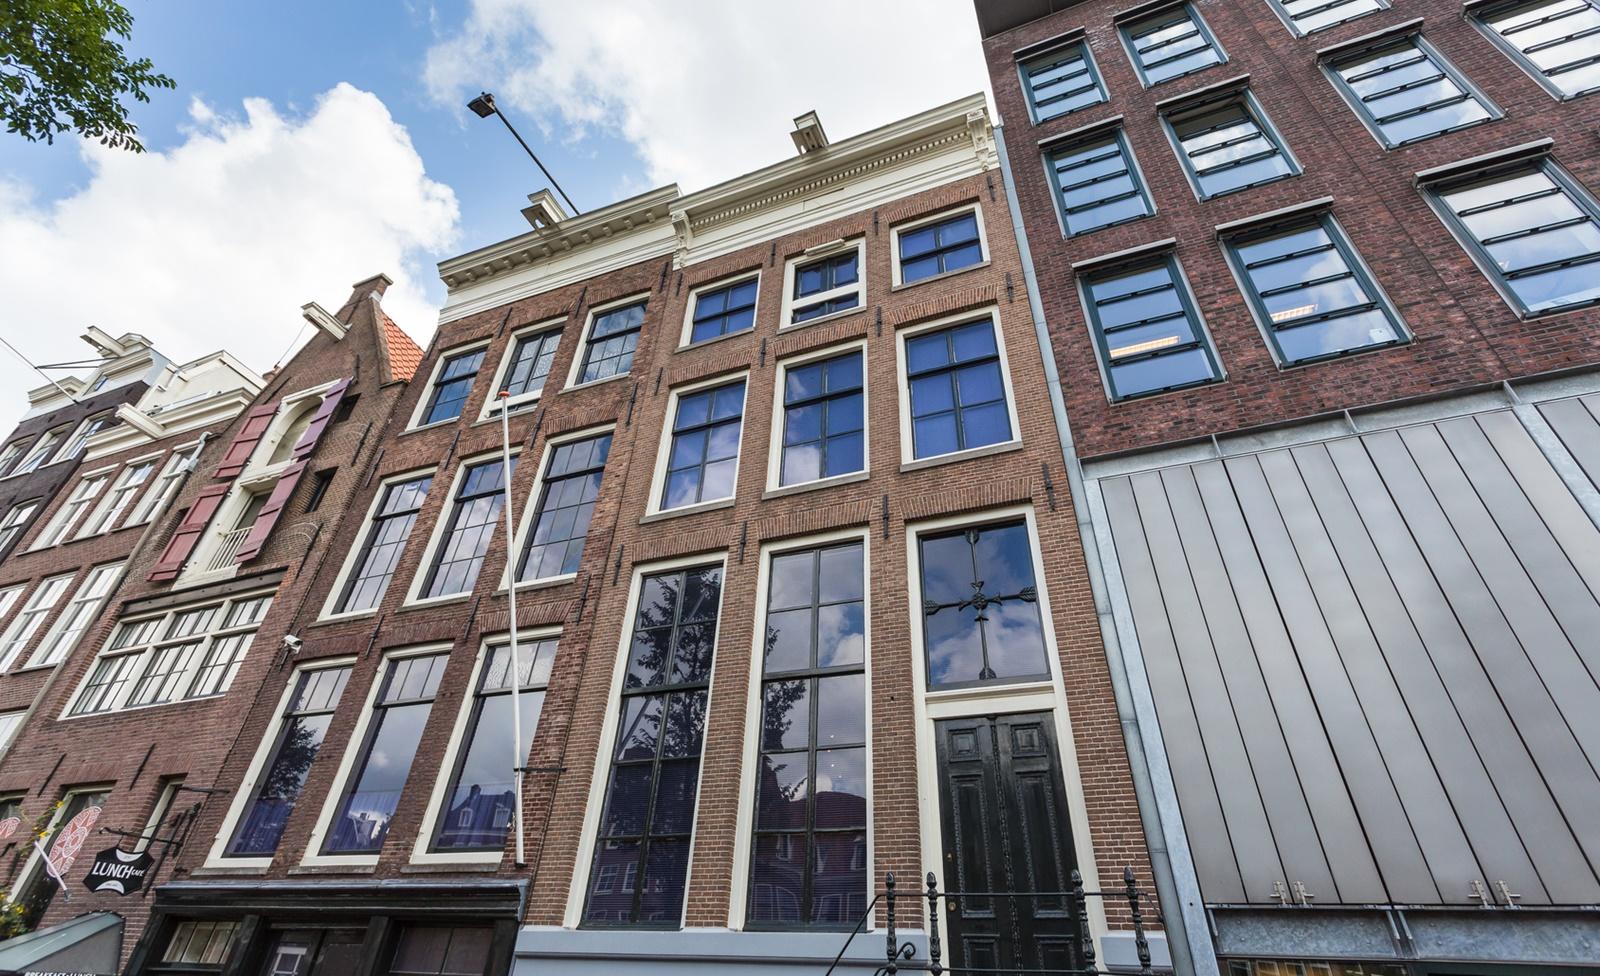 11 Top Amsterdam Sehenswürdigkeiten für Touristen 2019